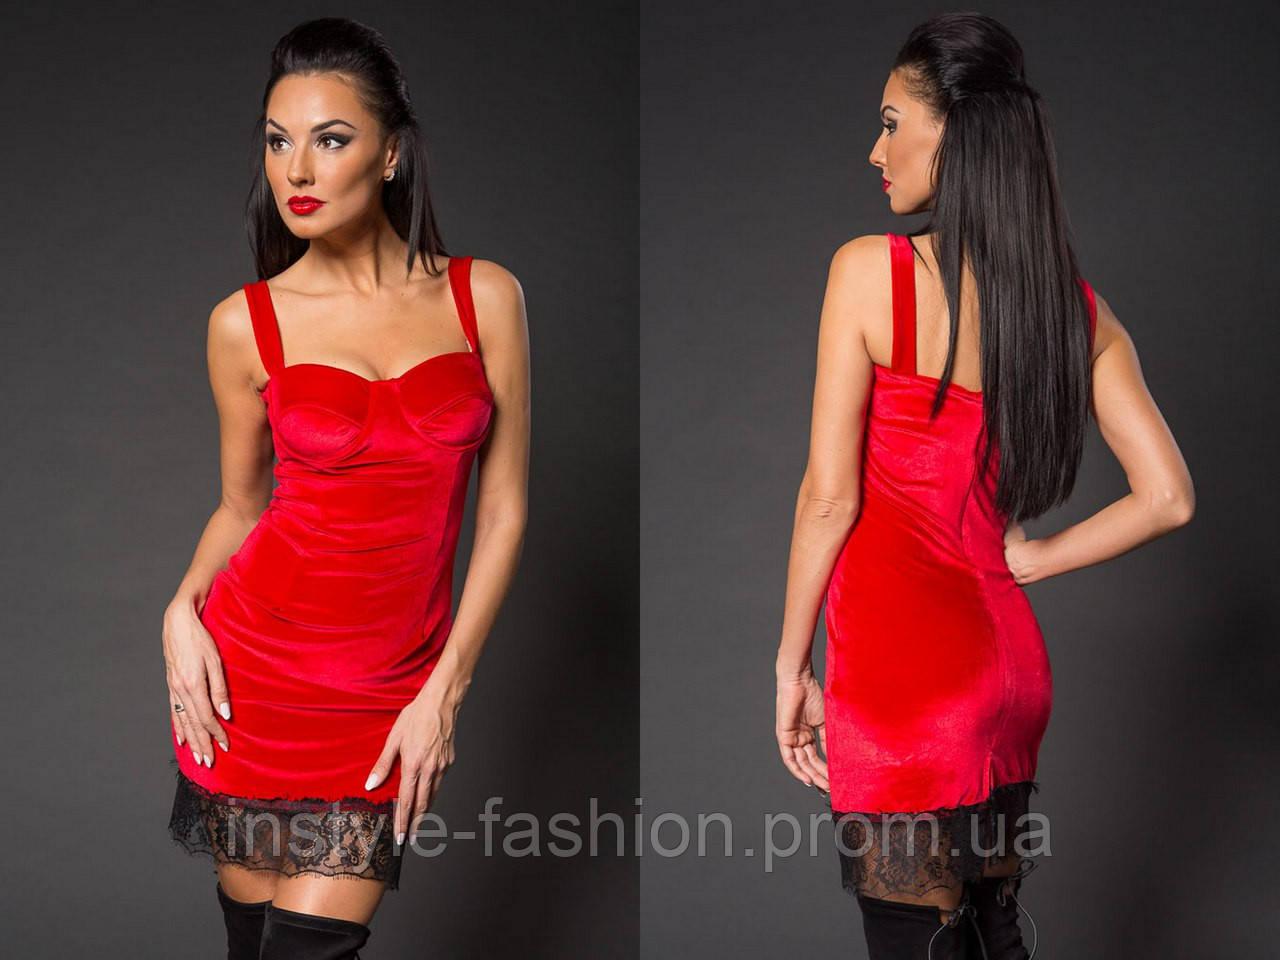 a246a0fa82d Женское модное короткое платье с кружевом из нежного бархата красное ...